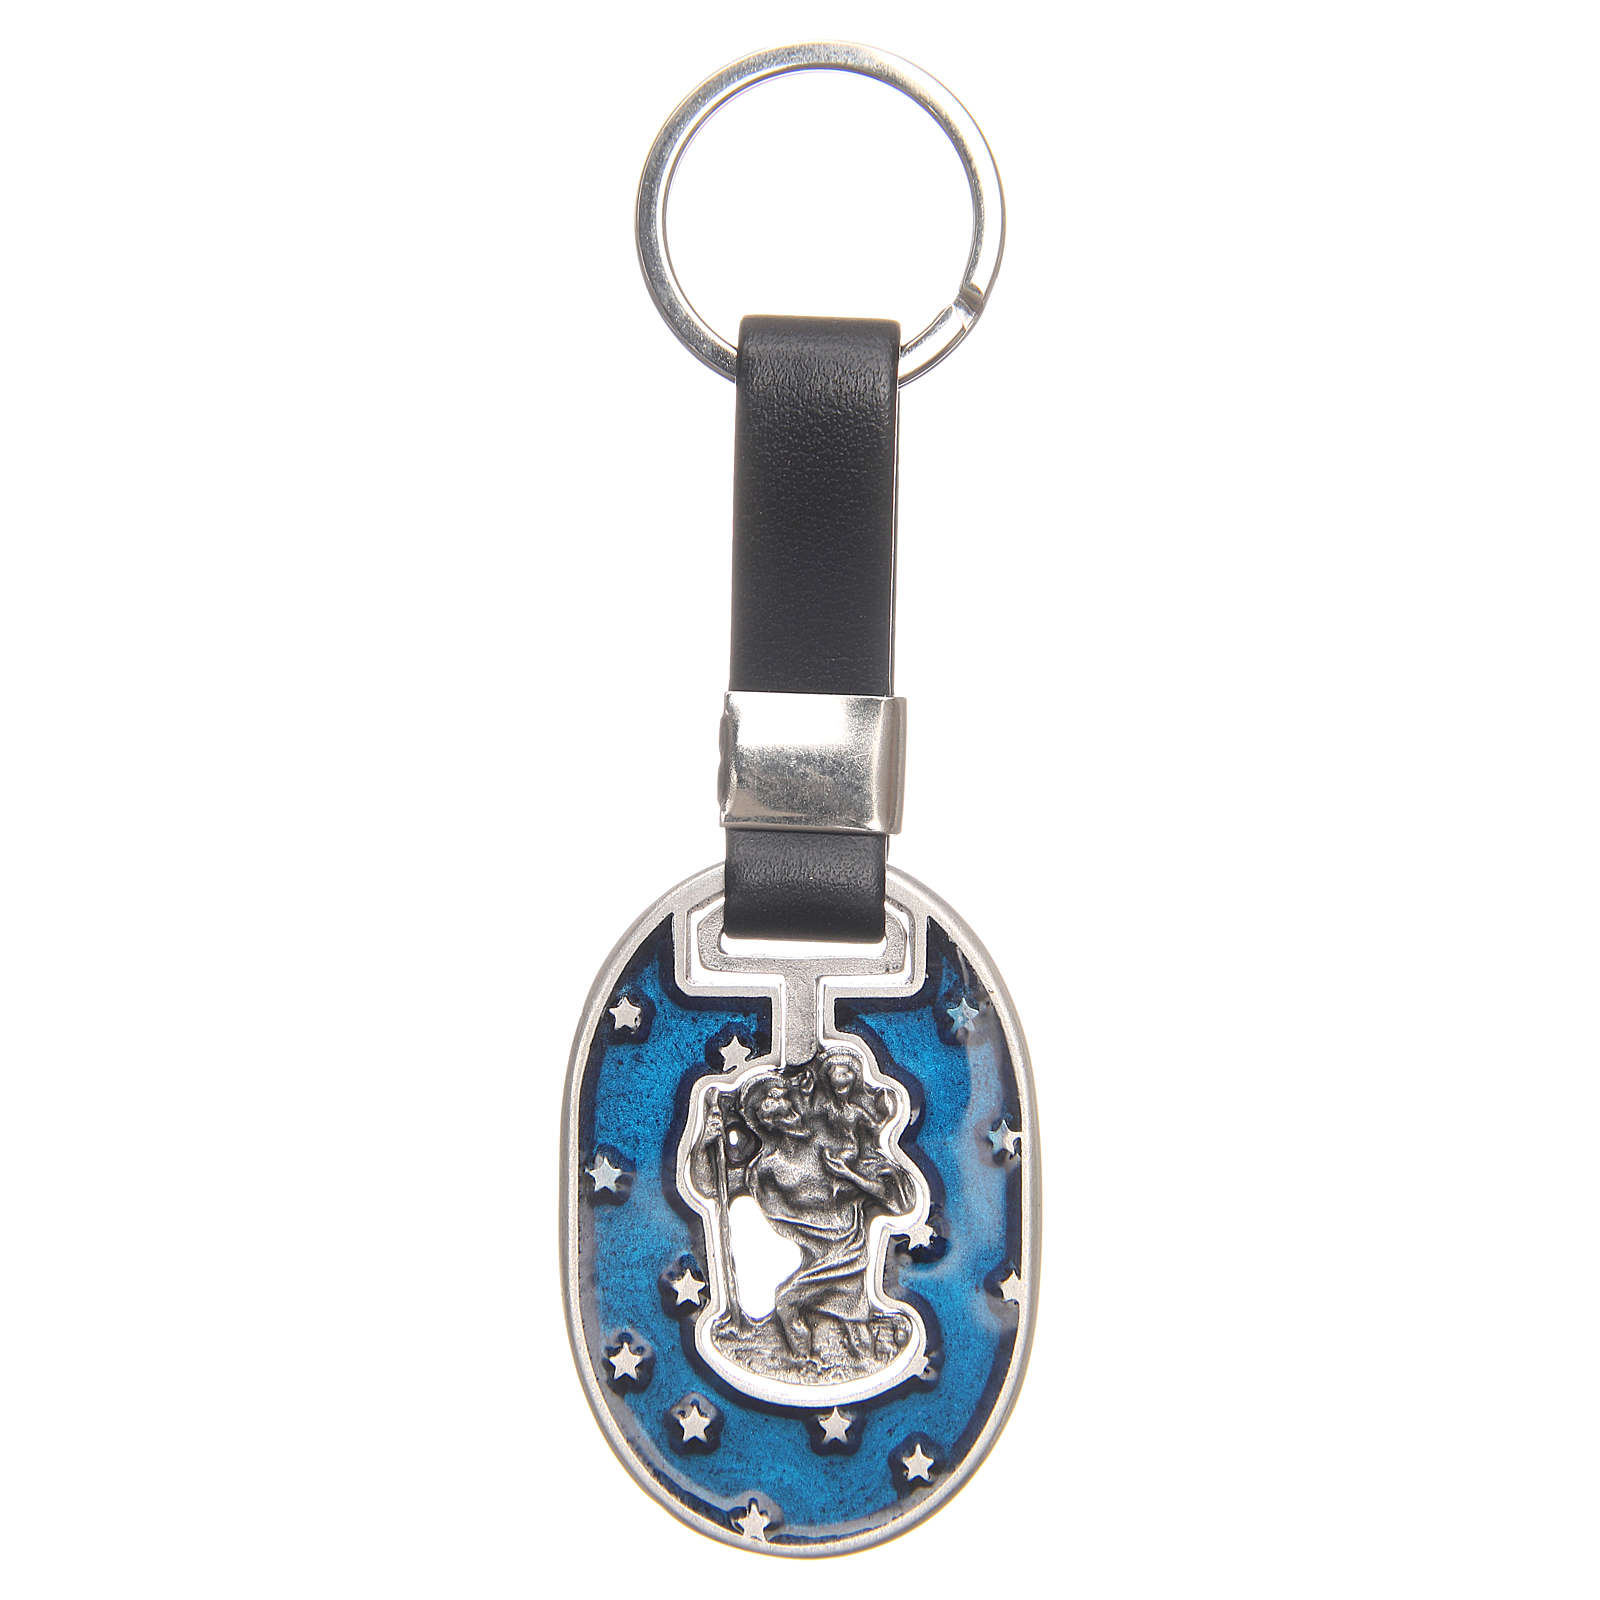 Porte-clef Saint Christophe zamac argenté vieilli 3